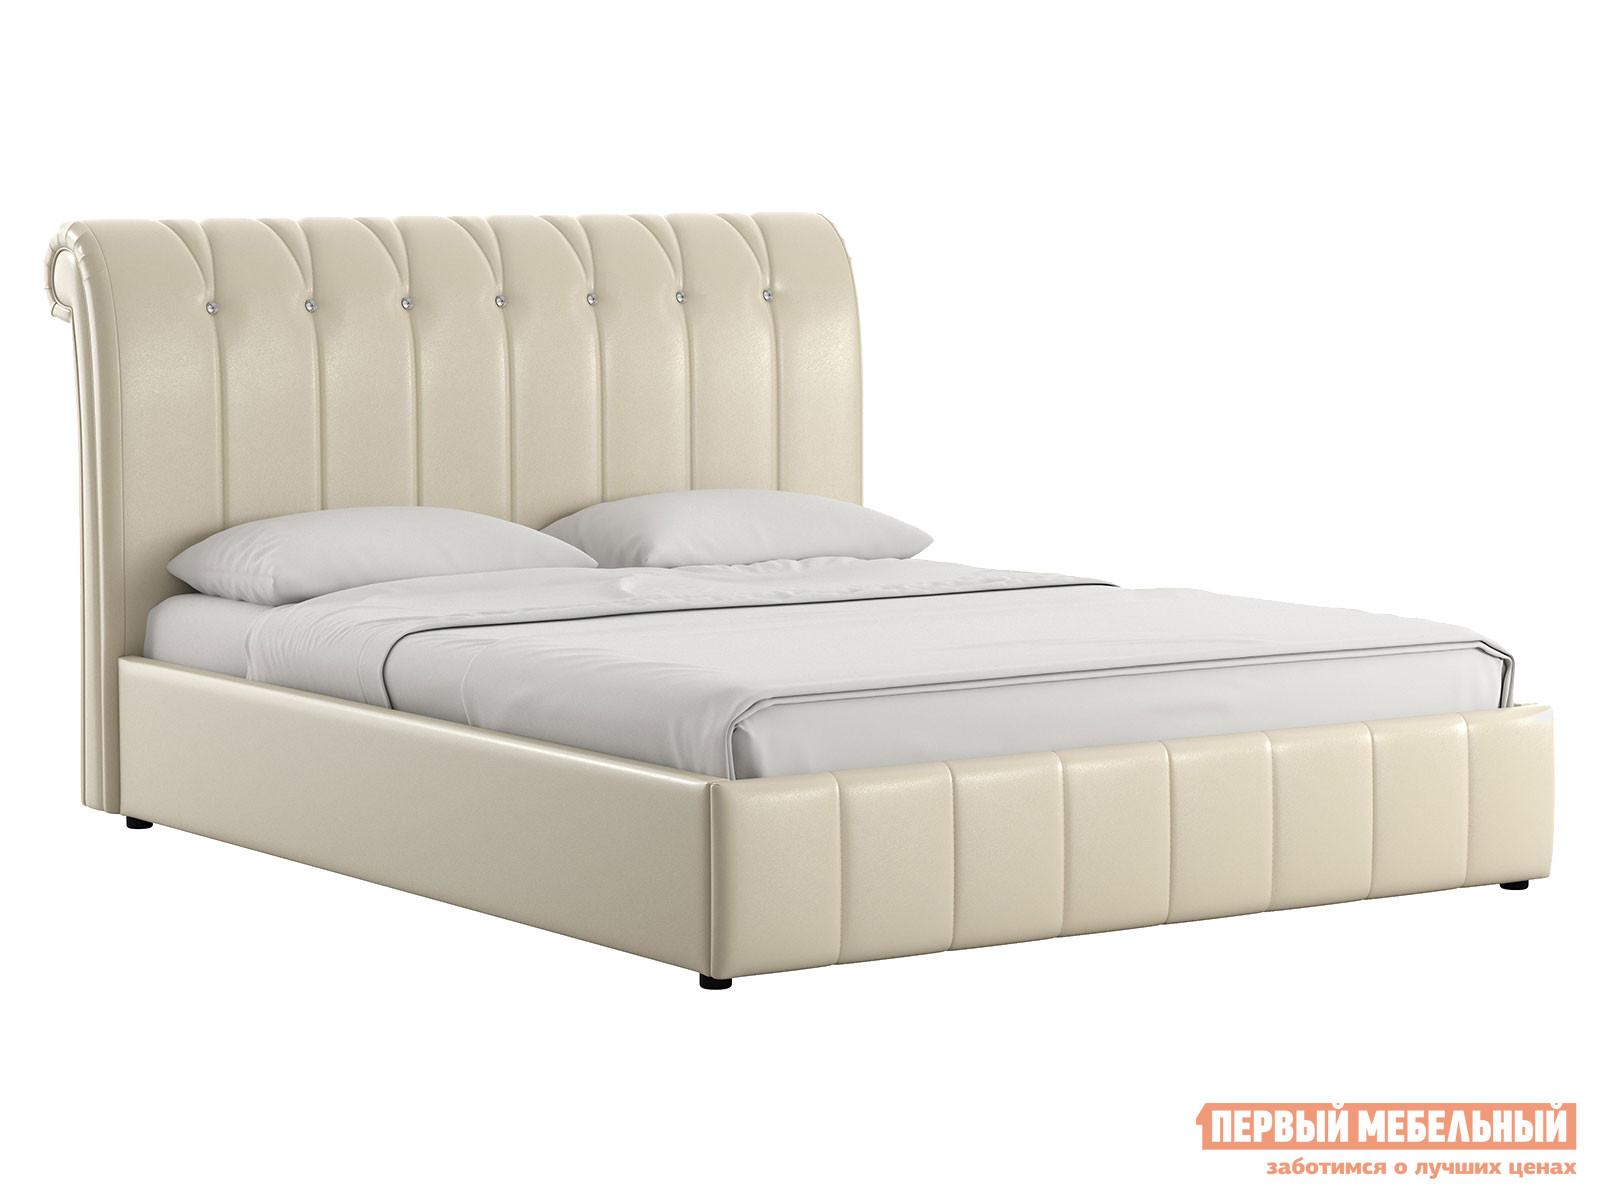 Двуспальная кровать Первый Мебельный Кровать с подъемным механизмом Августа 160х200